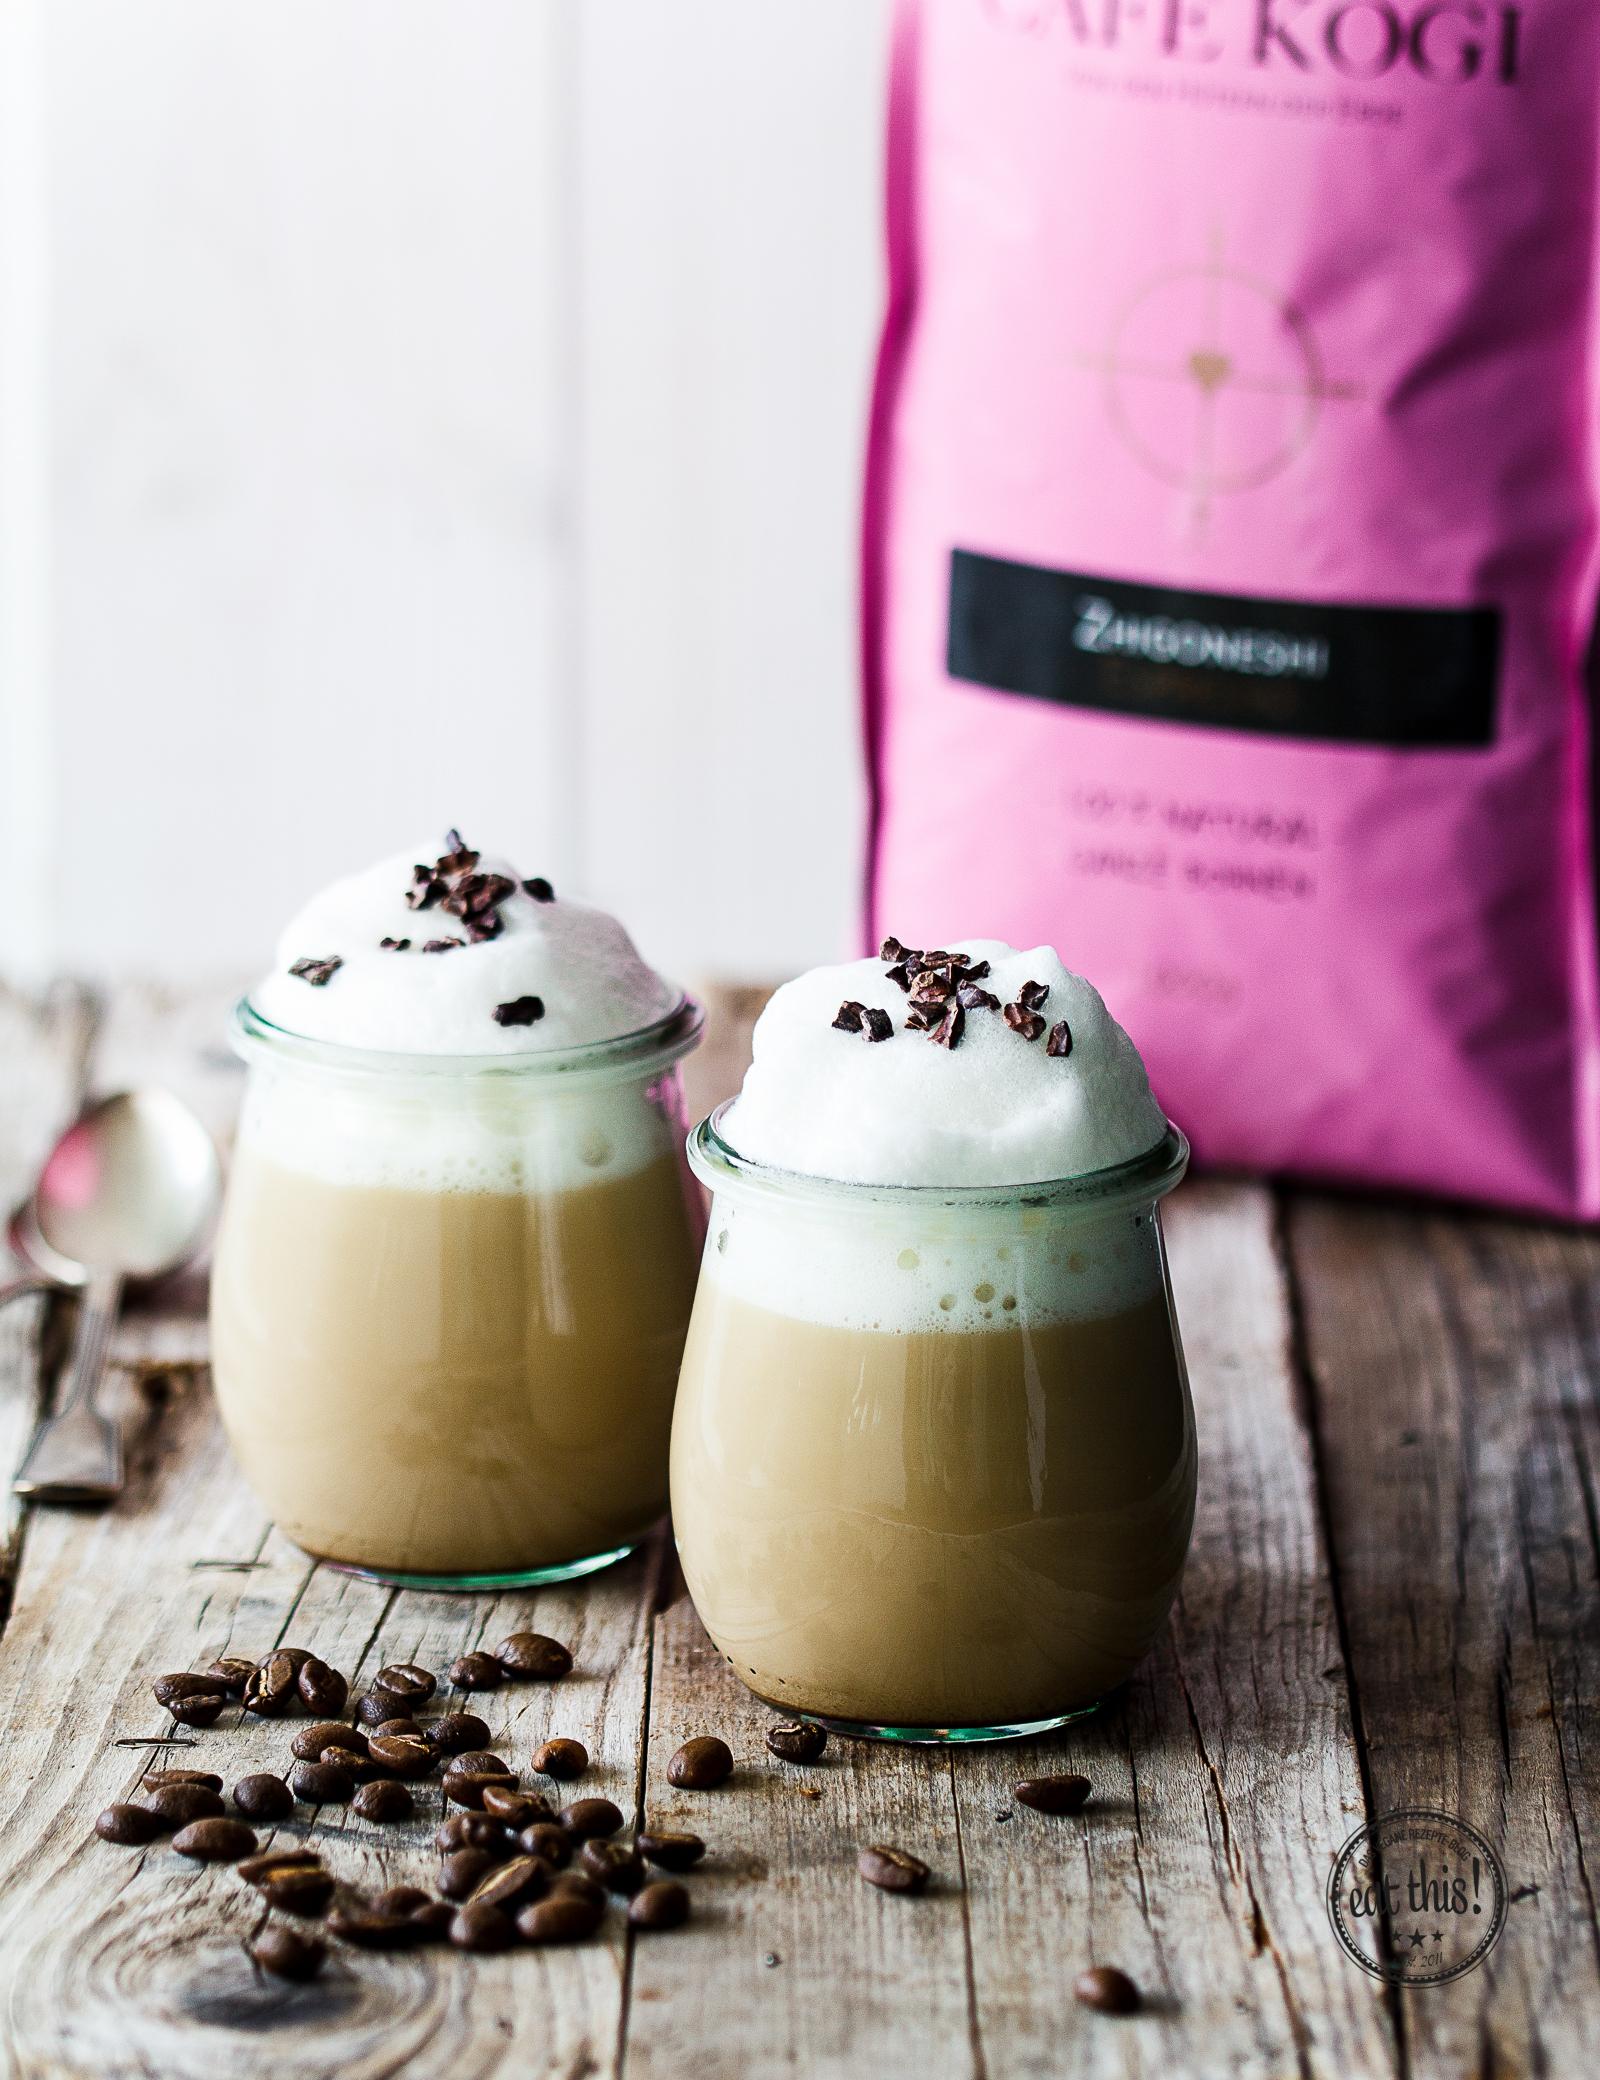 direkt gehandelter kaffee